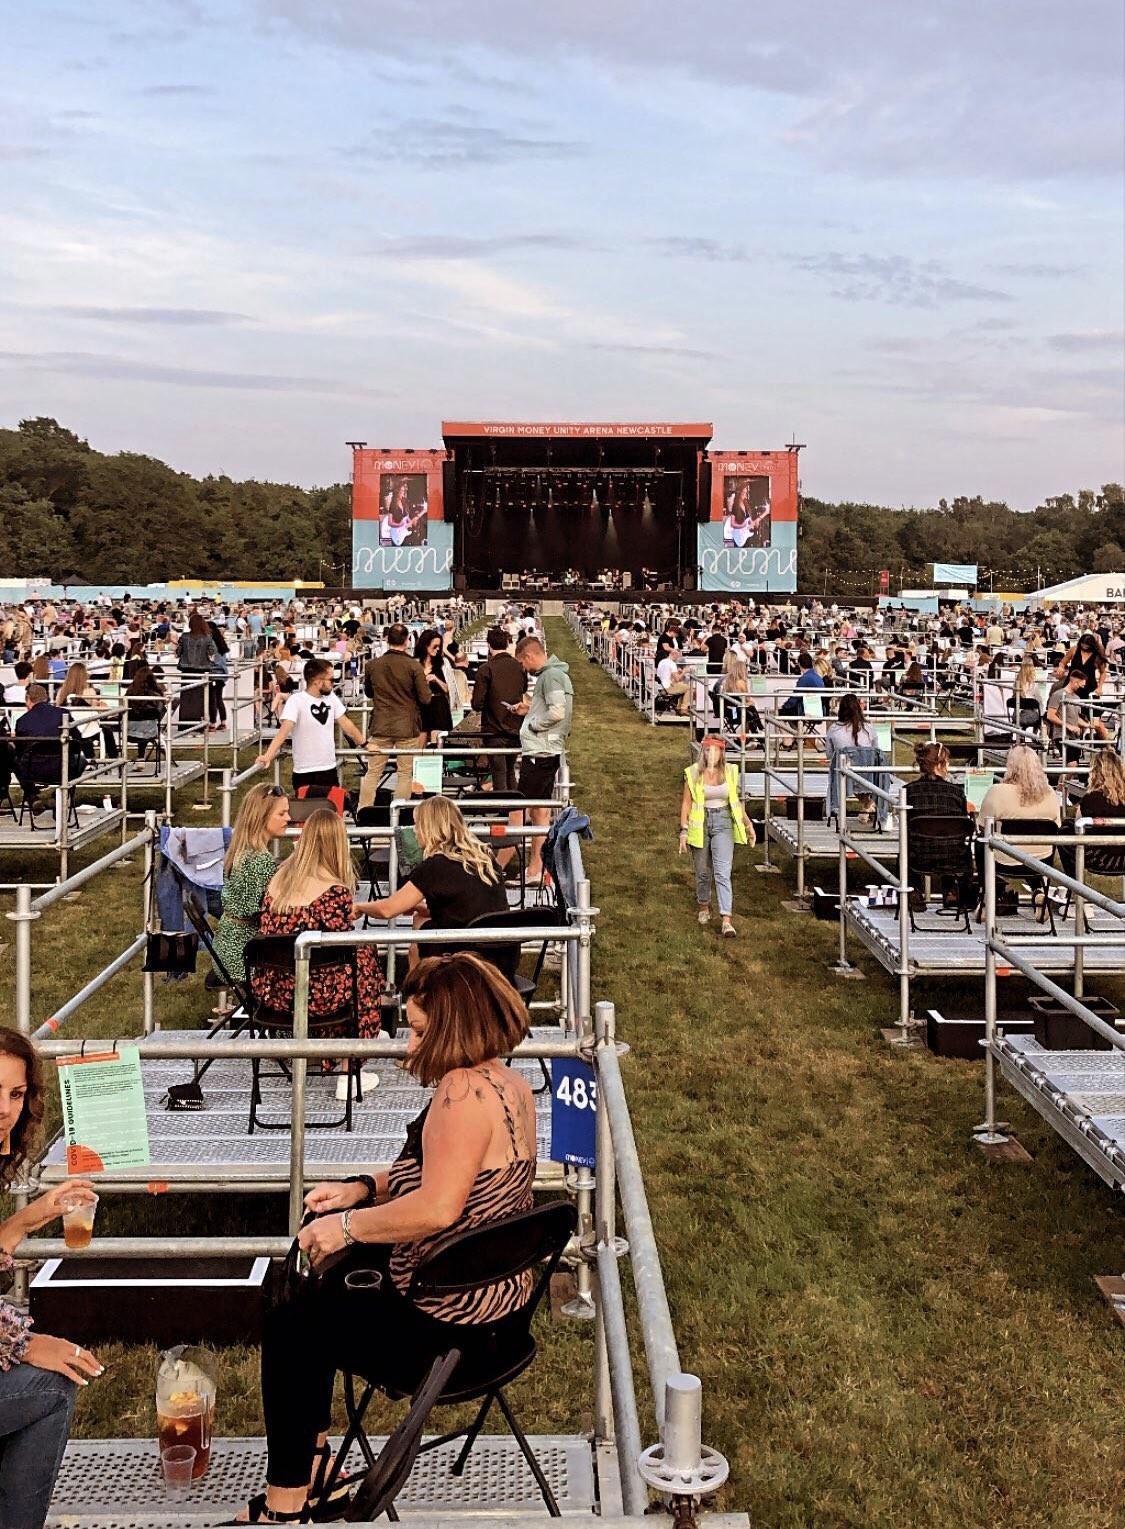 Inglaterra inaugura modelo de show em arena aberta com fãs em 'cercas'; veja imagens